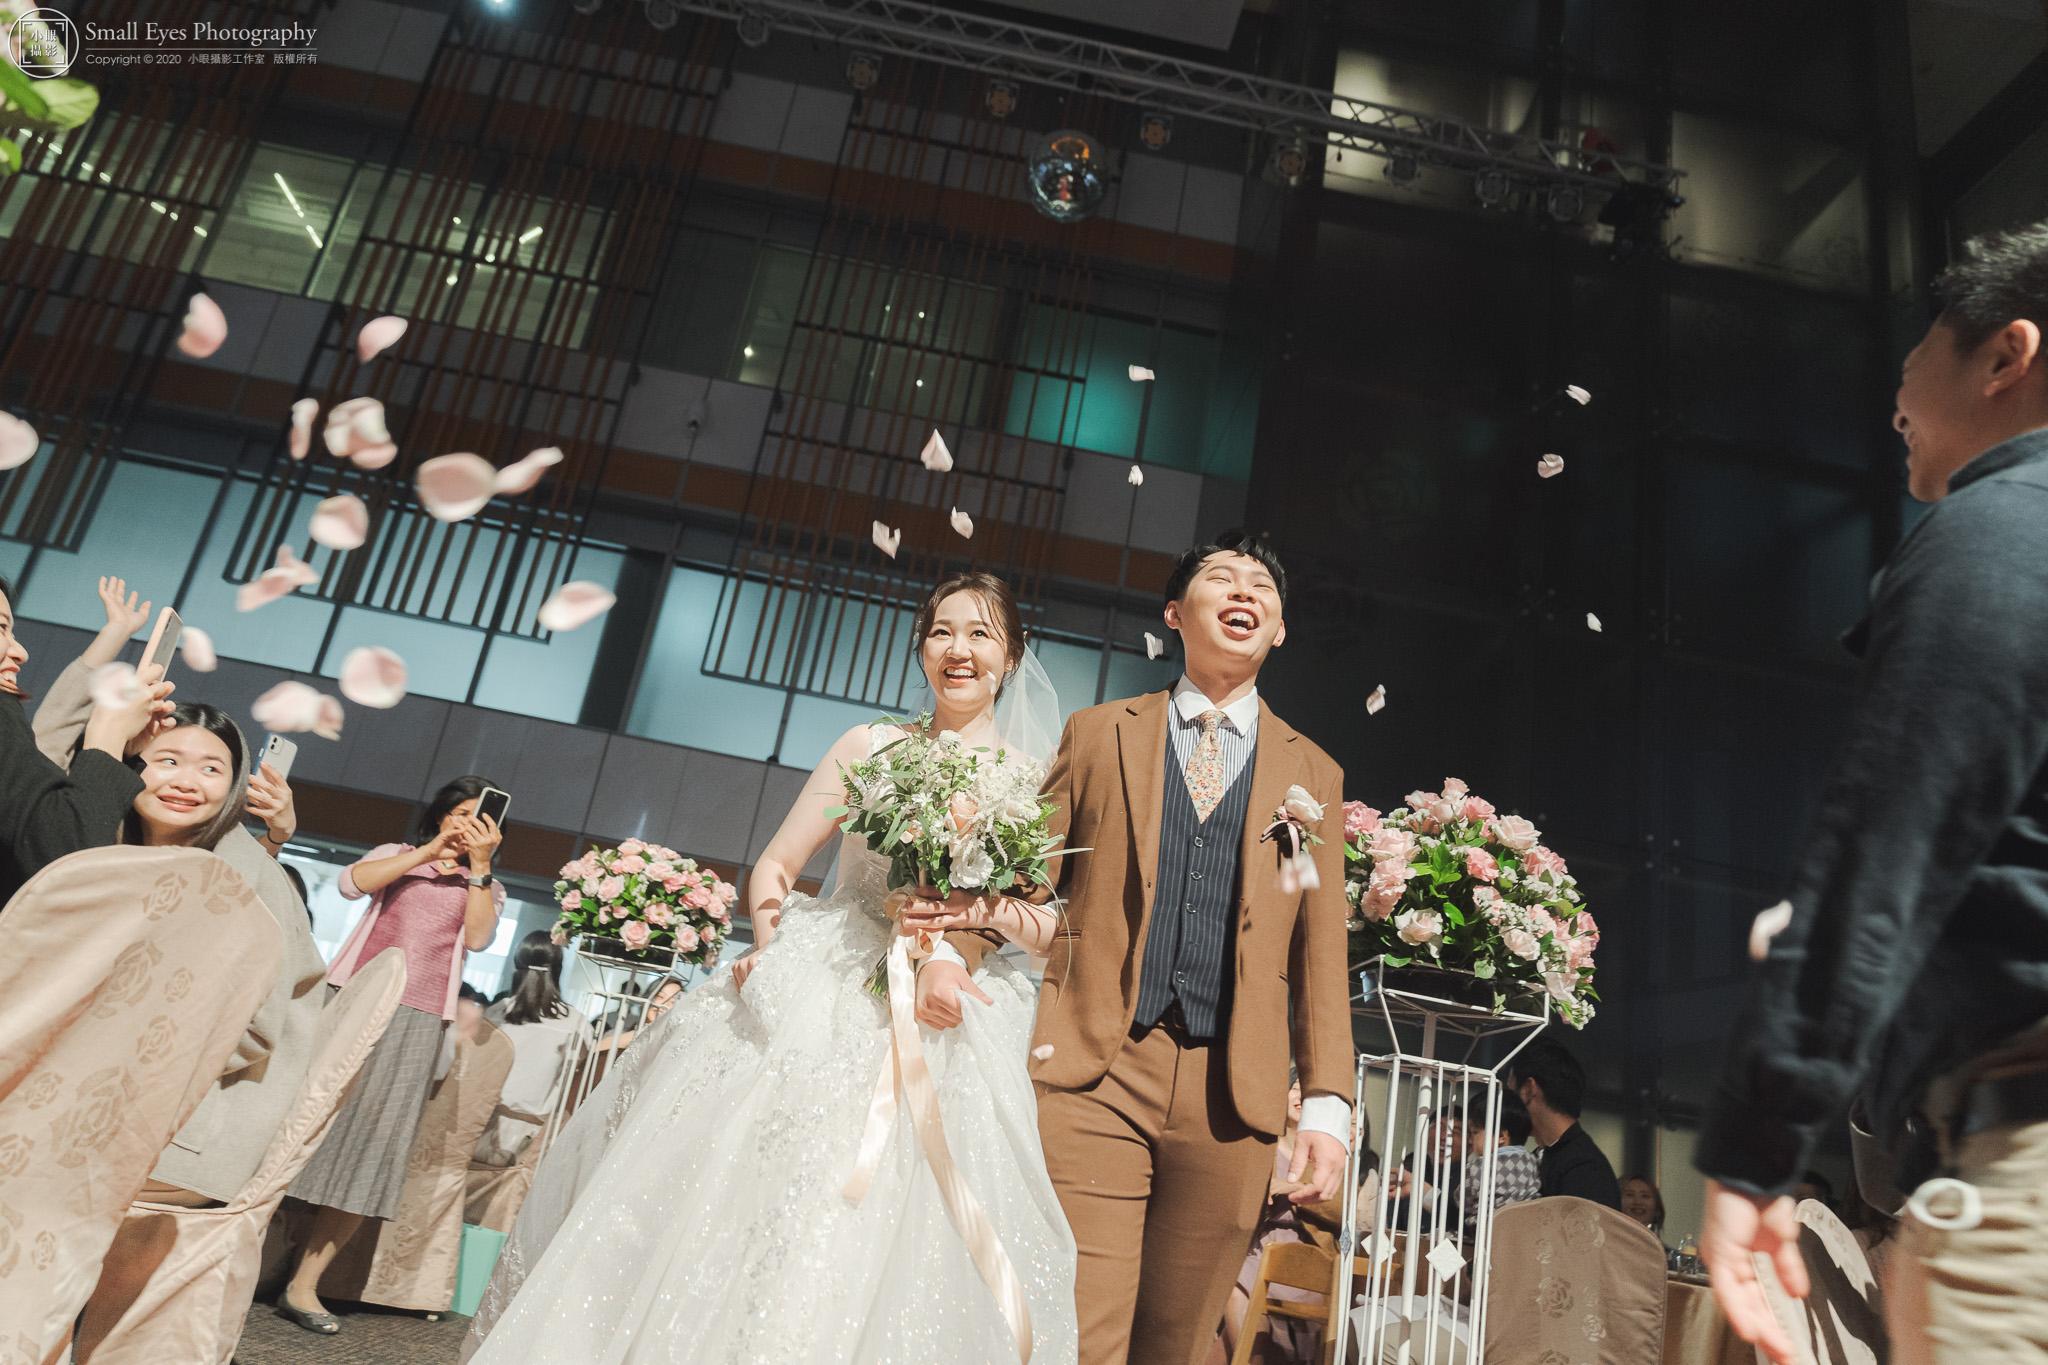 小眼攝影,傅祐承,婚禮攝影,婚攝,婚禮紀實,婚禮紀錄,台中,裕元花園,酒店